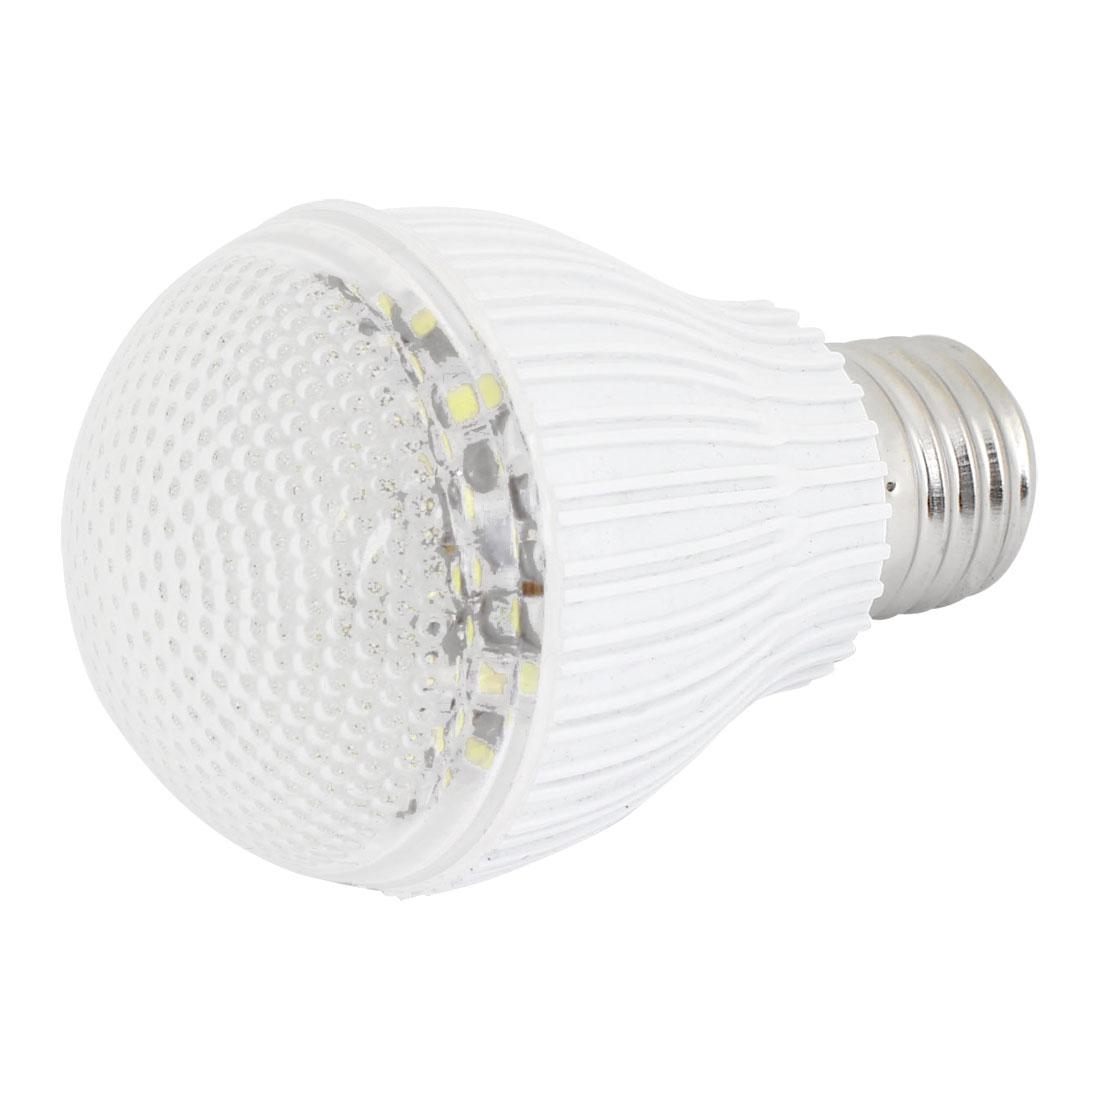 Kitchen Home Indoor E26 Screw Base White Light 60 LED Ball Bulb Lamp 4W AC 220V